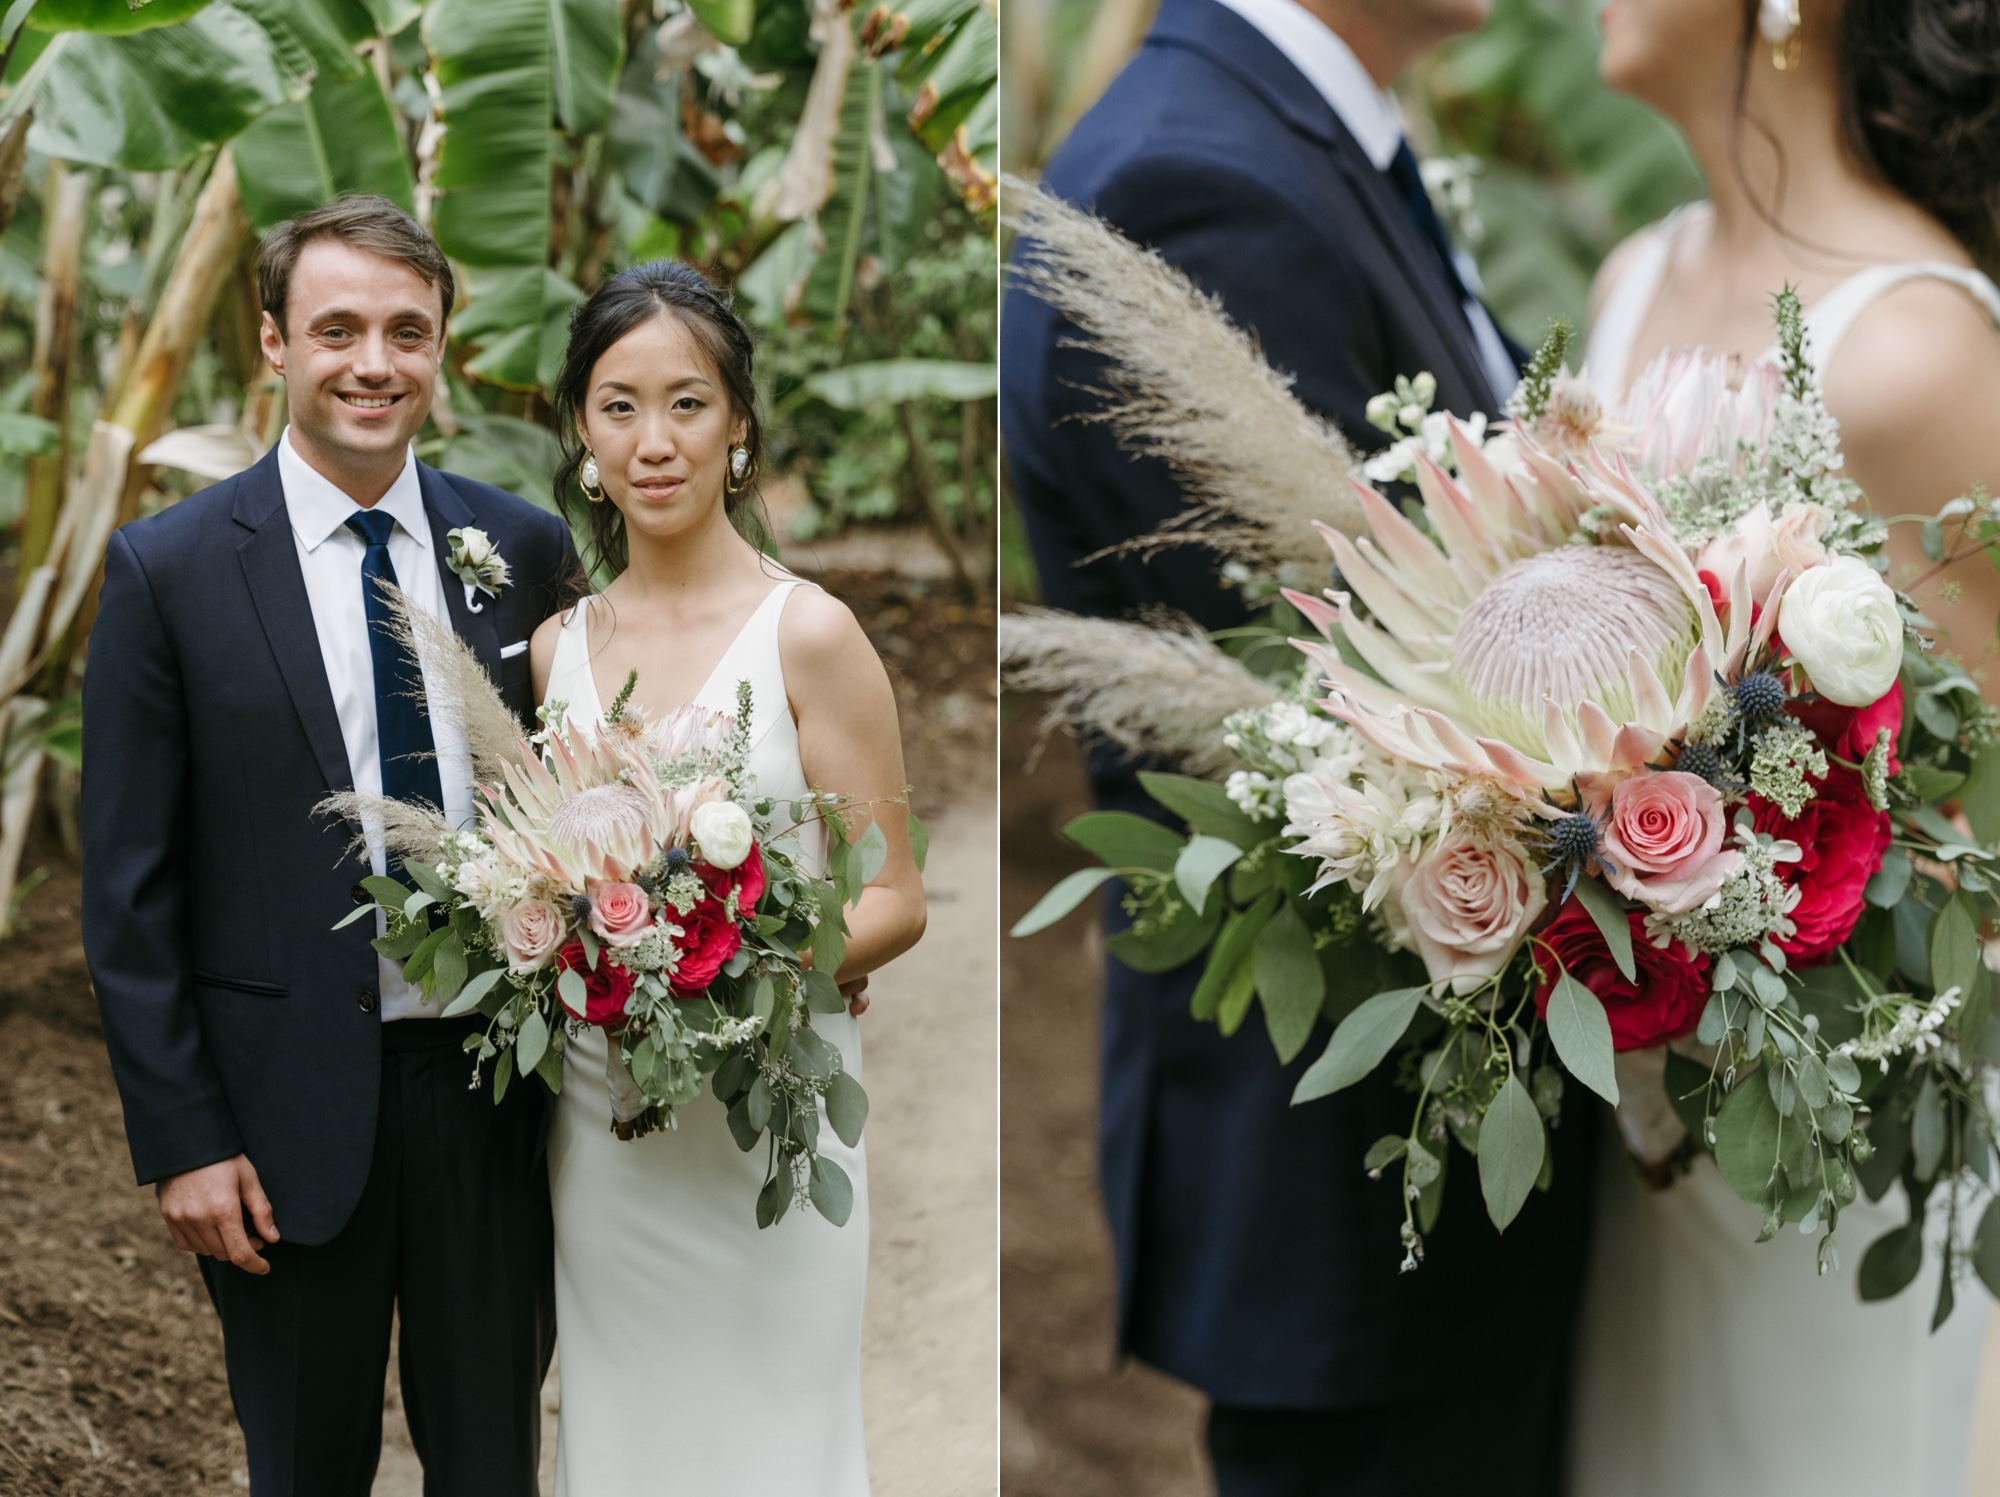 076_Shawna and Steve's Wedding-504_Shawna and Steve's Wedding-500.jpg